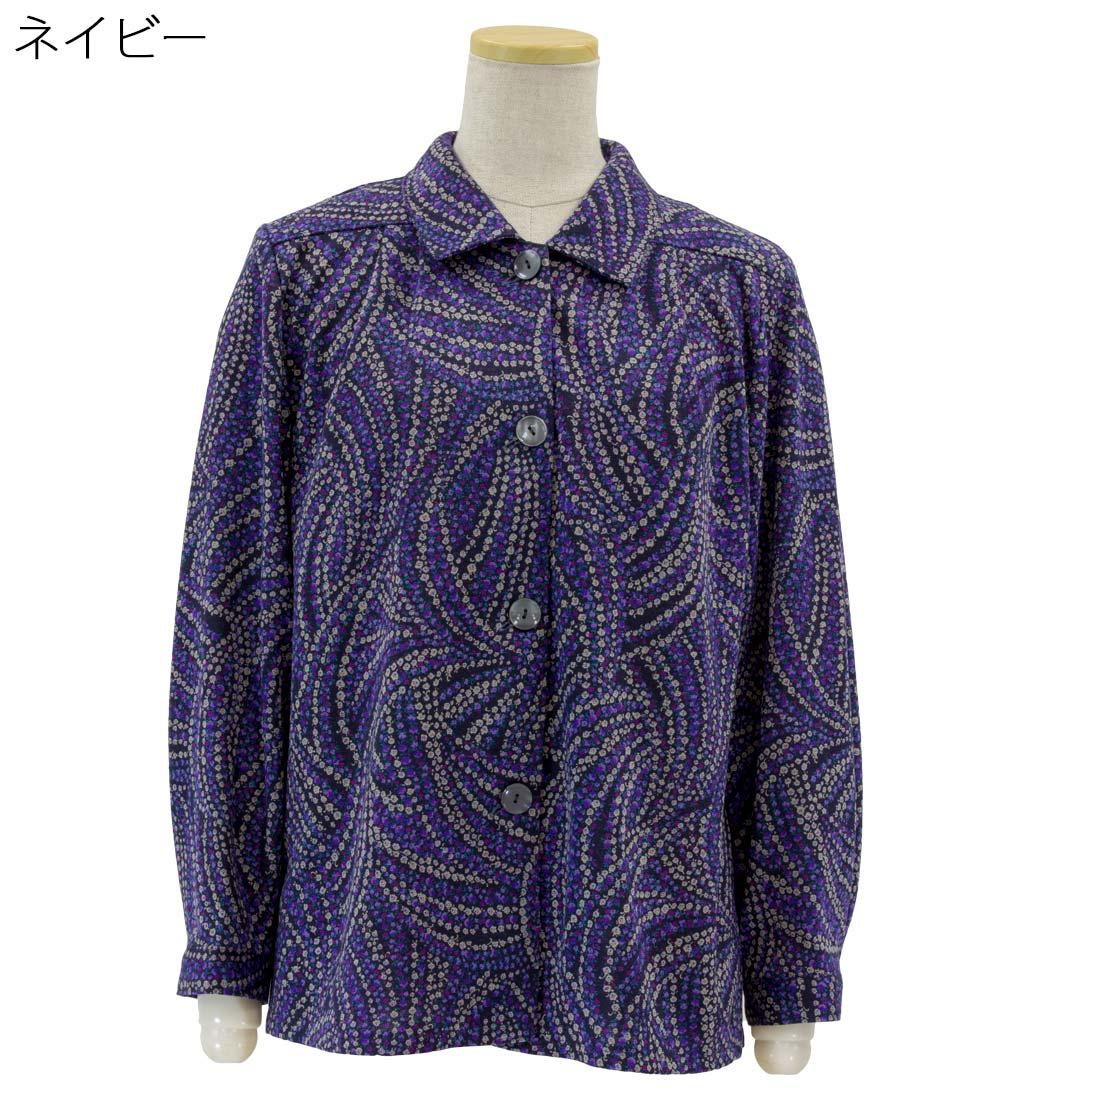 婦人 ストレッチ 毛混 ニット ななめ穴 大きめボタン ブラウス 日本製●婦人 シニアファッション 秋冬 70代 80代 90代